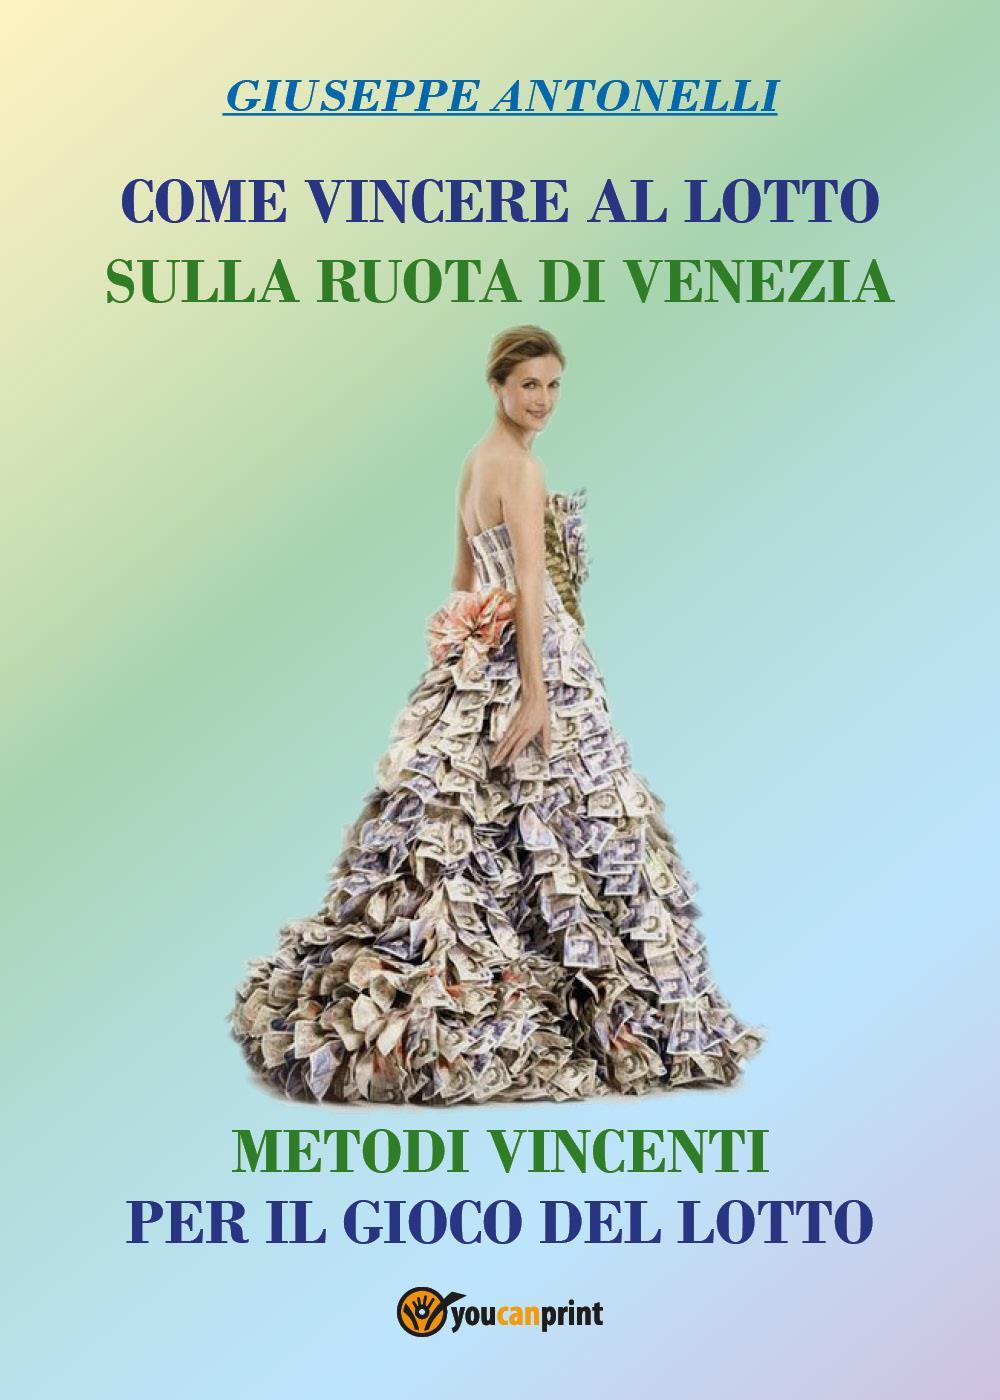 Come Vincere al Lotto sulla ruota di Venezia